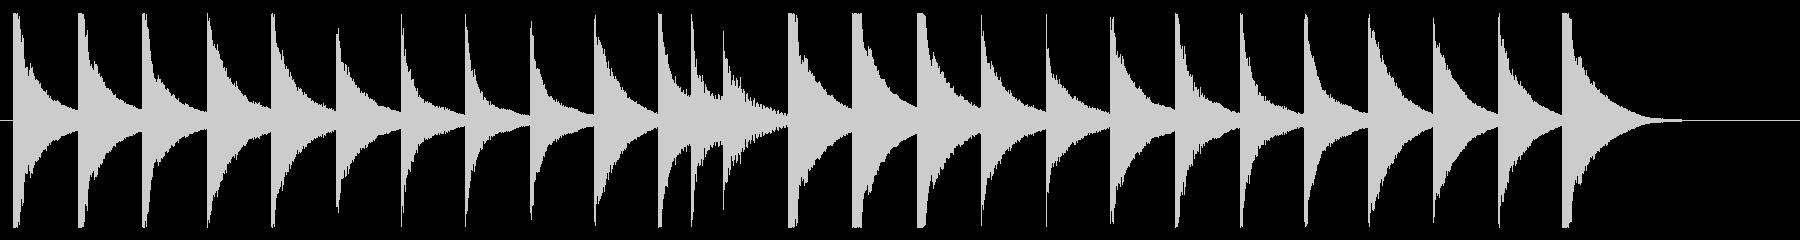 マリンバとグロッケンのシンプルなジングルの未再生の波形